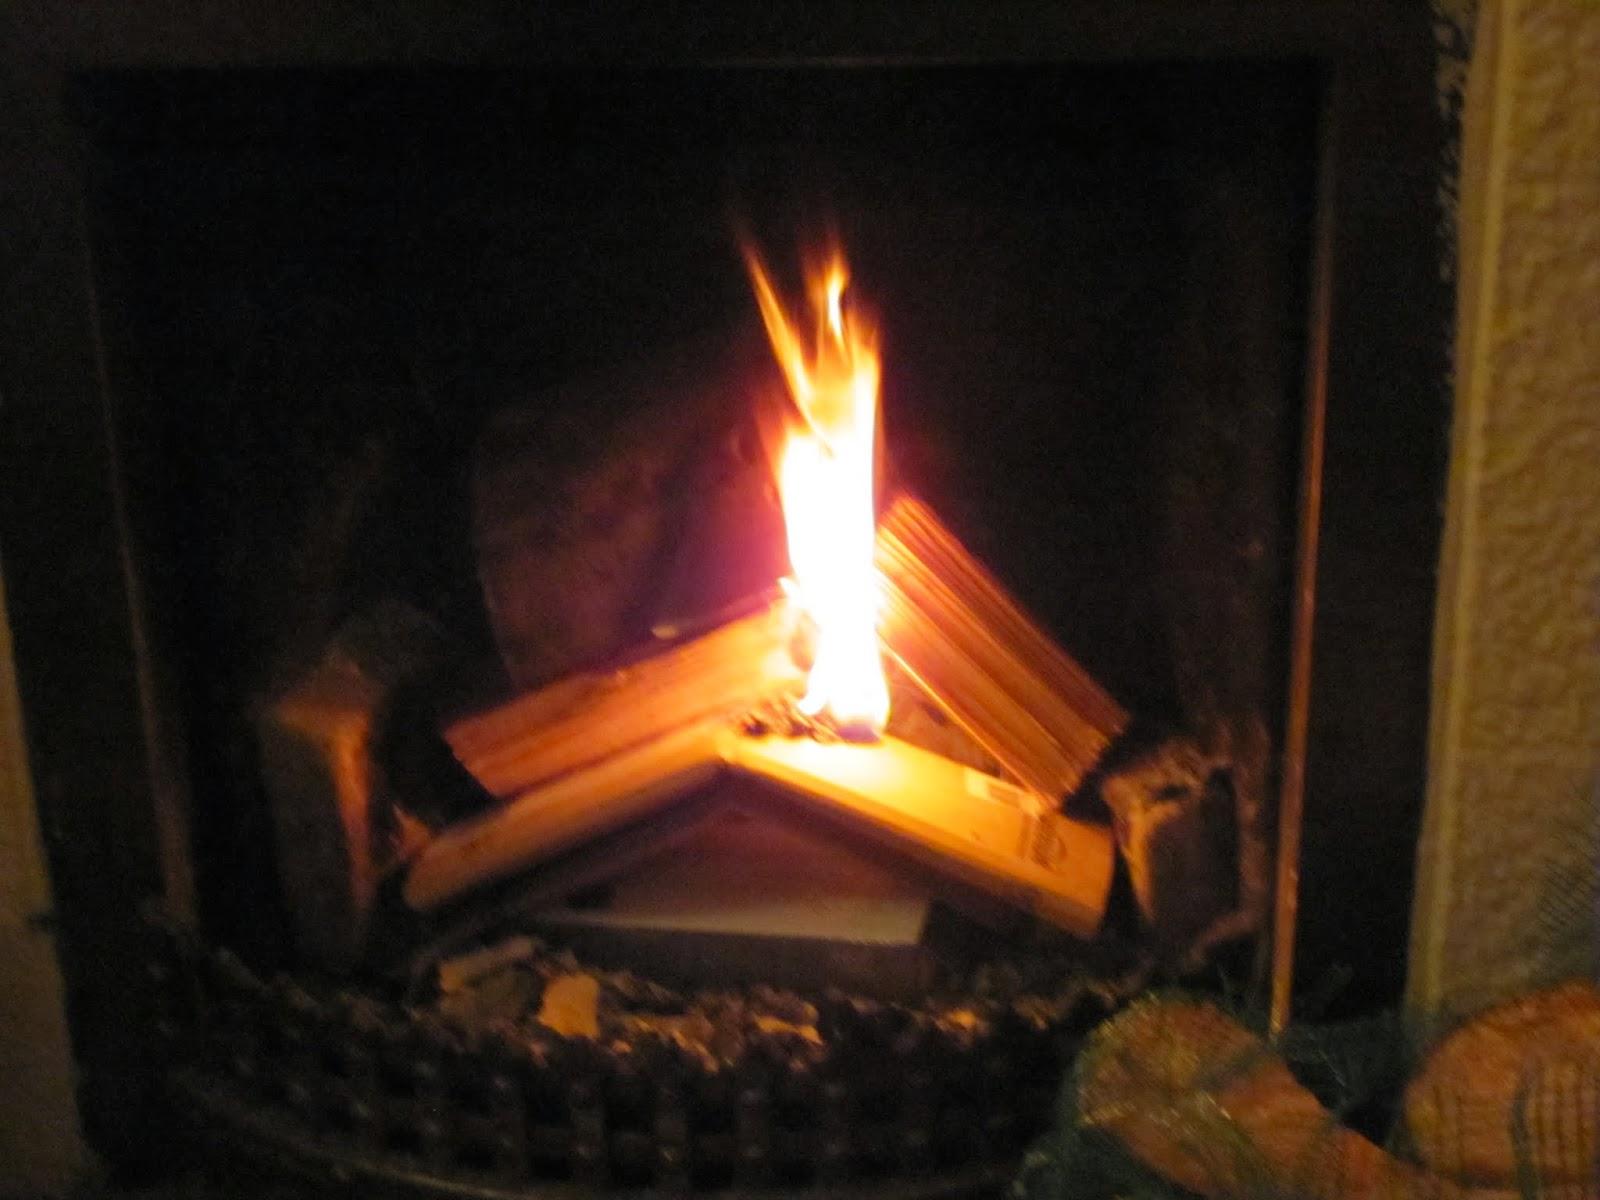 Firing up the Fire